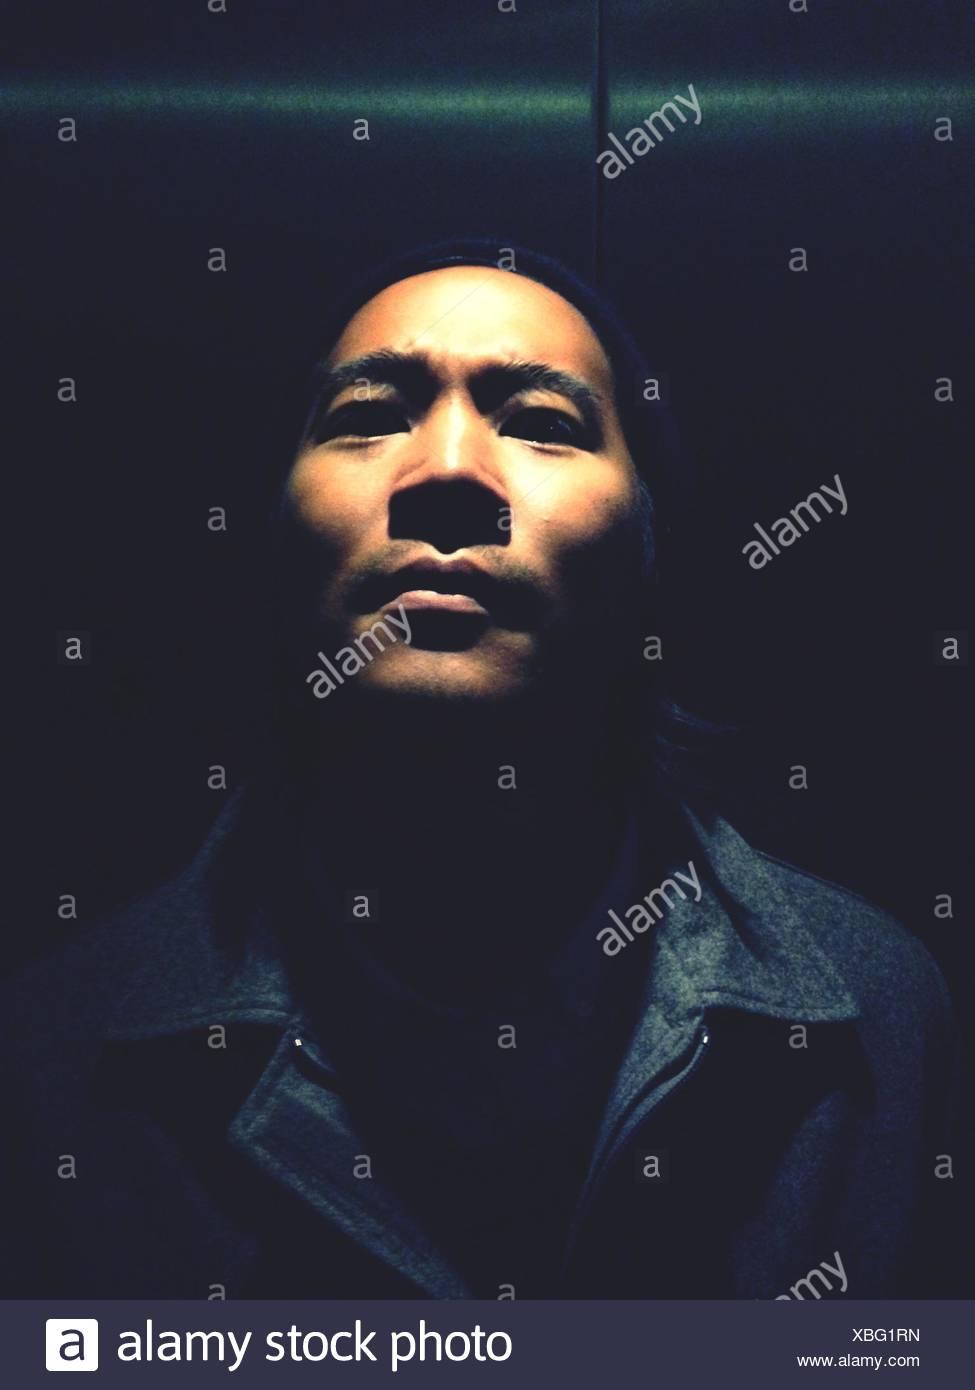 En primer plano el retrato del joven serio Imagen De Stock